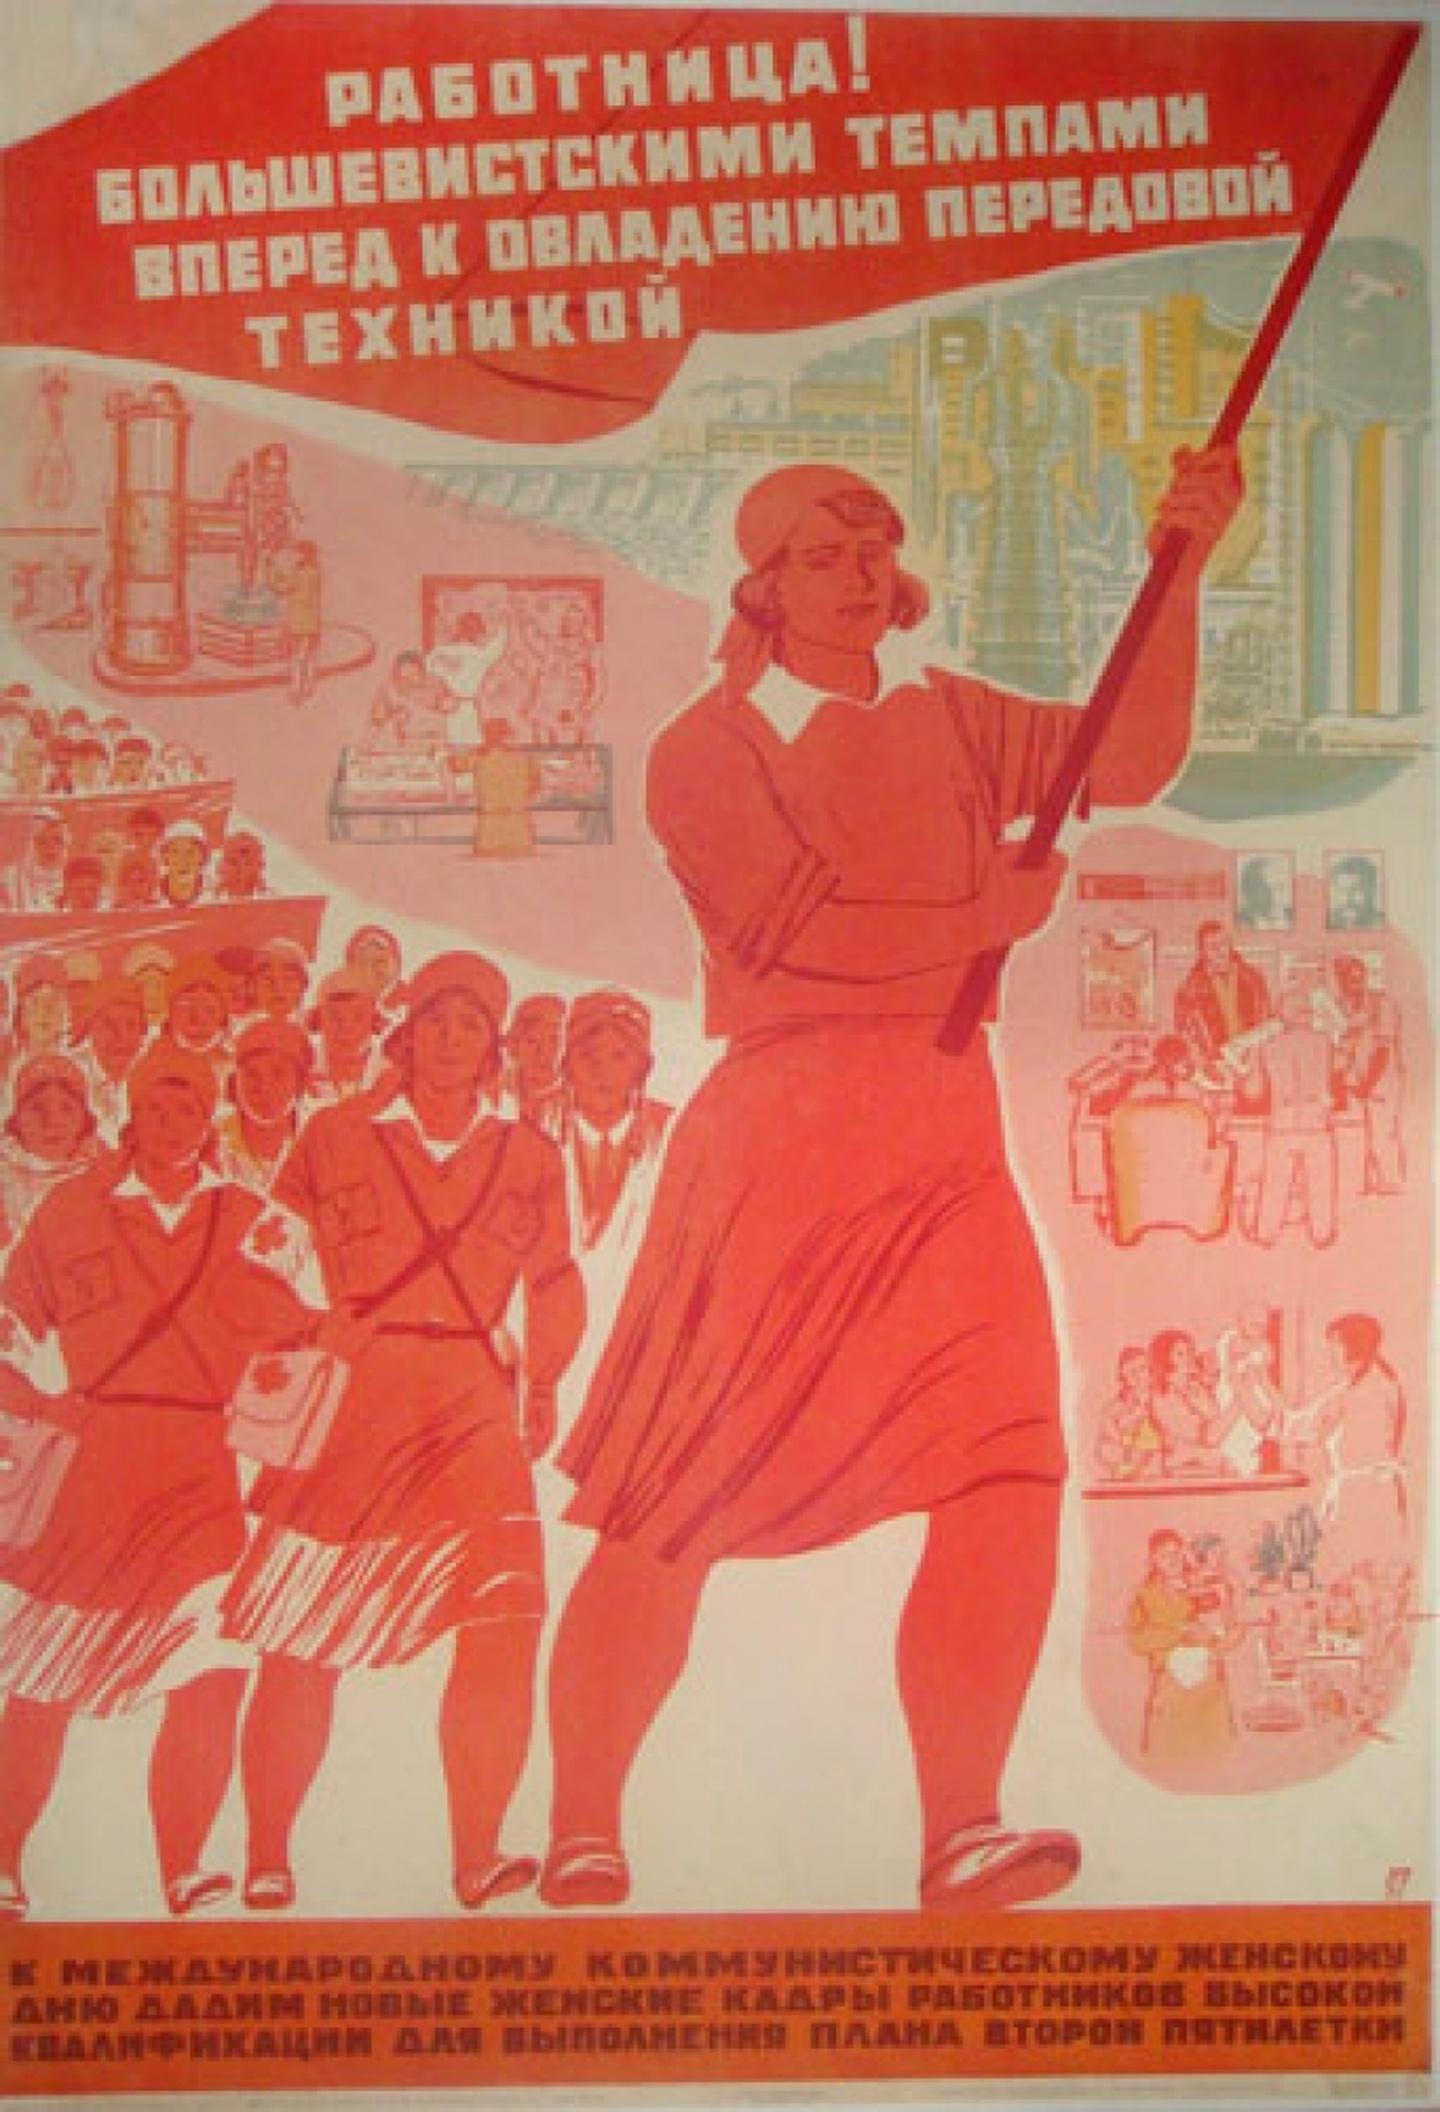 Работница! Большевистскими темпами вперед к овладению передовой техникой Автор: П. П. Григорьянц Год: 1933 Издательство: ОГИЗ—ИЗОГИЗ